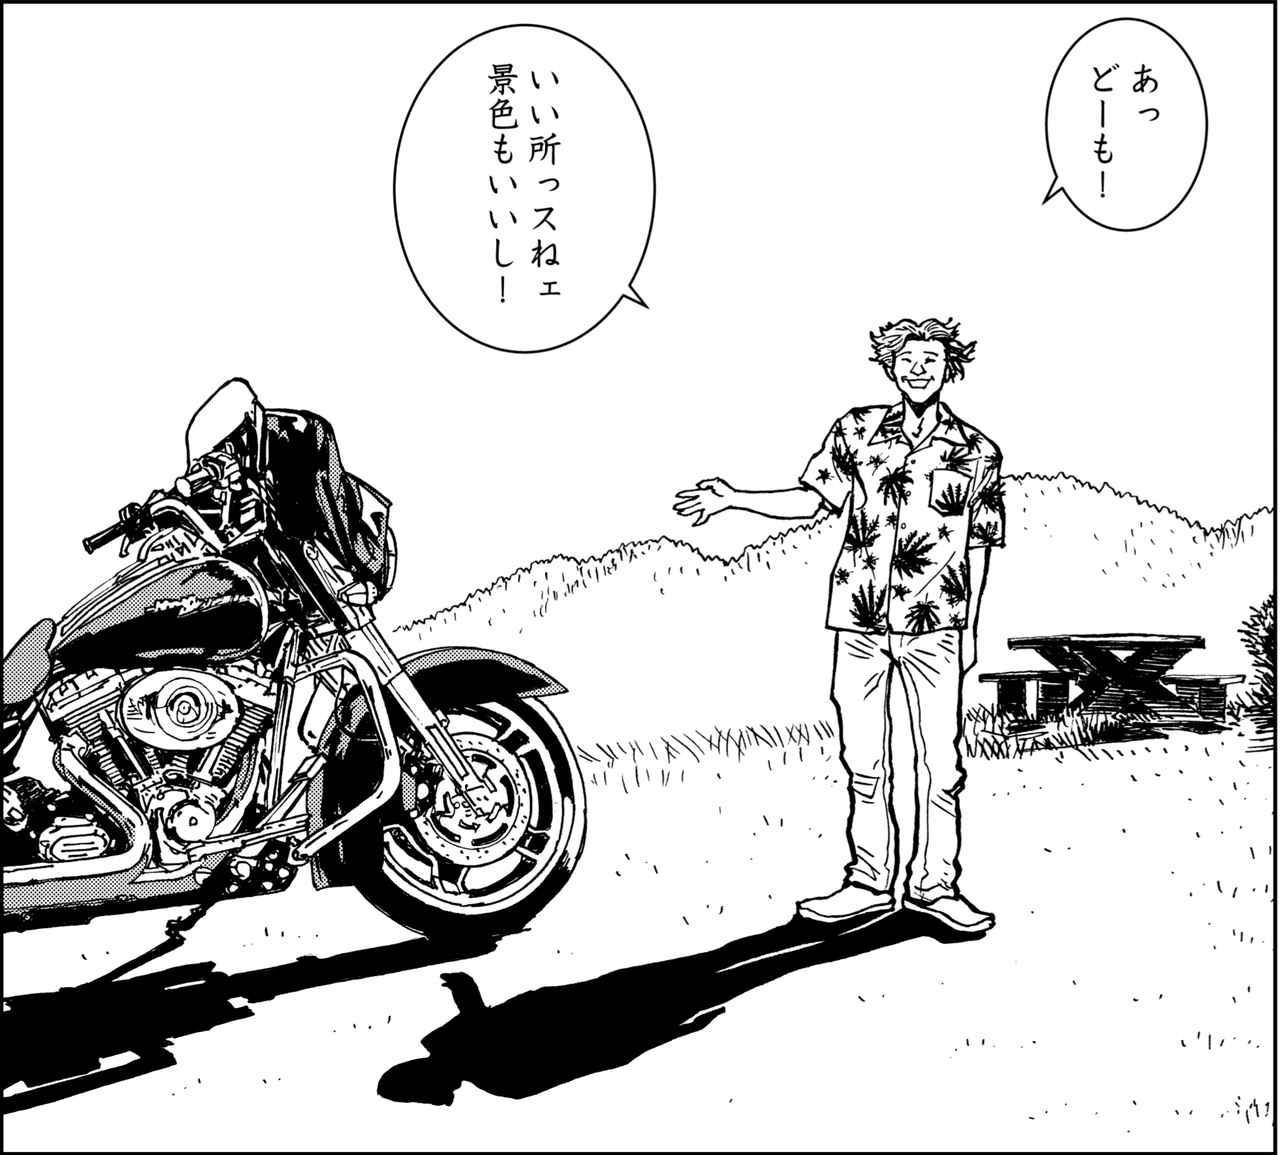 画像: 美人そうなライダーをみかけるとついていきたくなるよね、ヘルメットを脱いだところをみたくなるよね。〜『雨はこれから』第43話「花ムスメひらひら」より - - LAWRENCE - Motorcycle x Cars + α = Your Life.